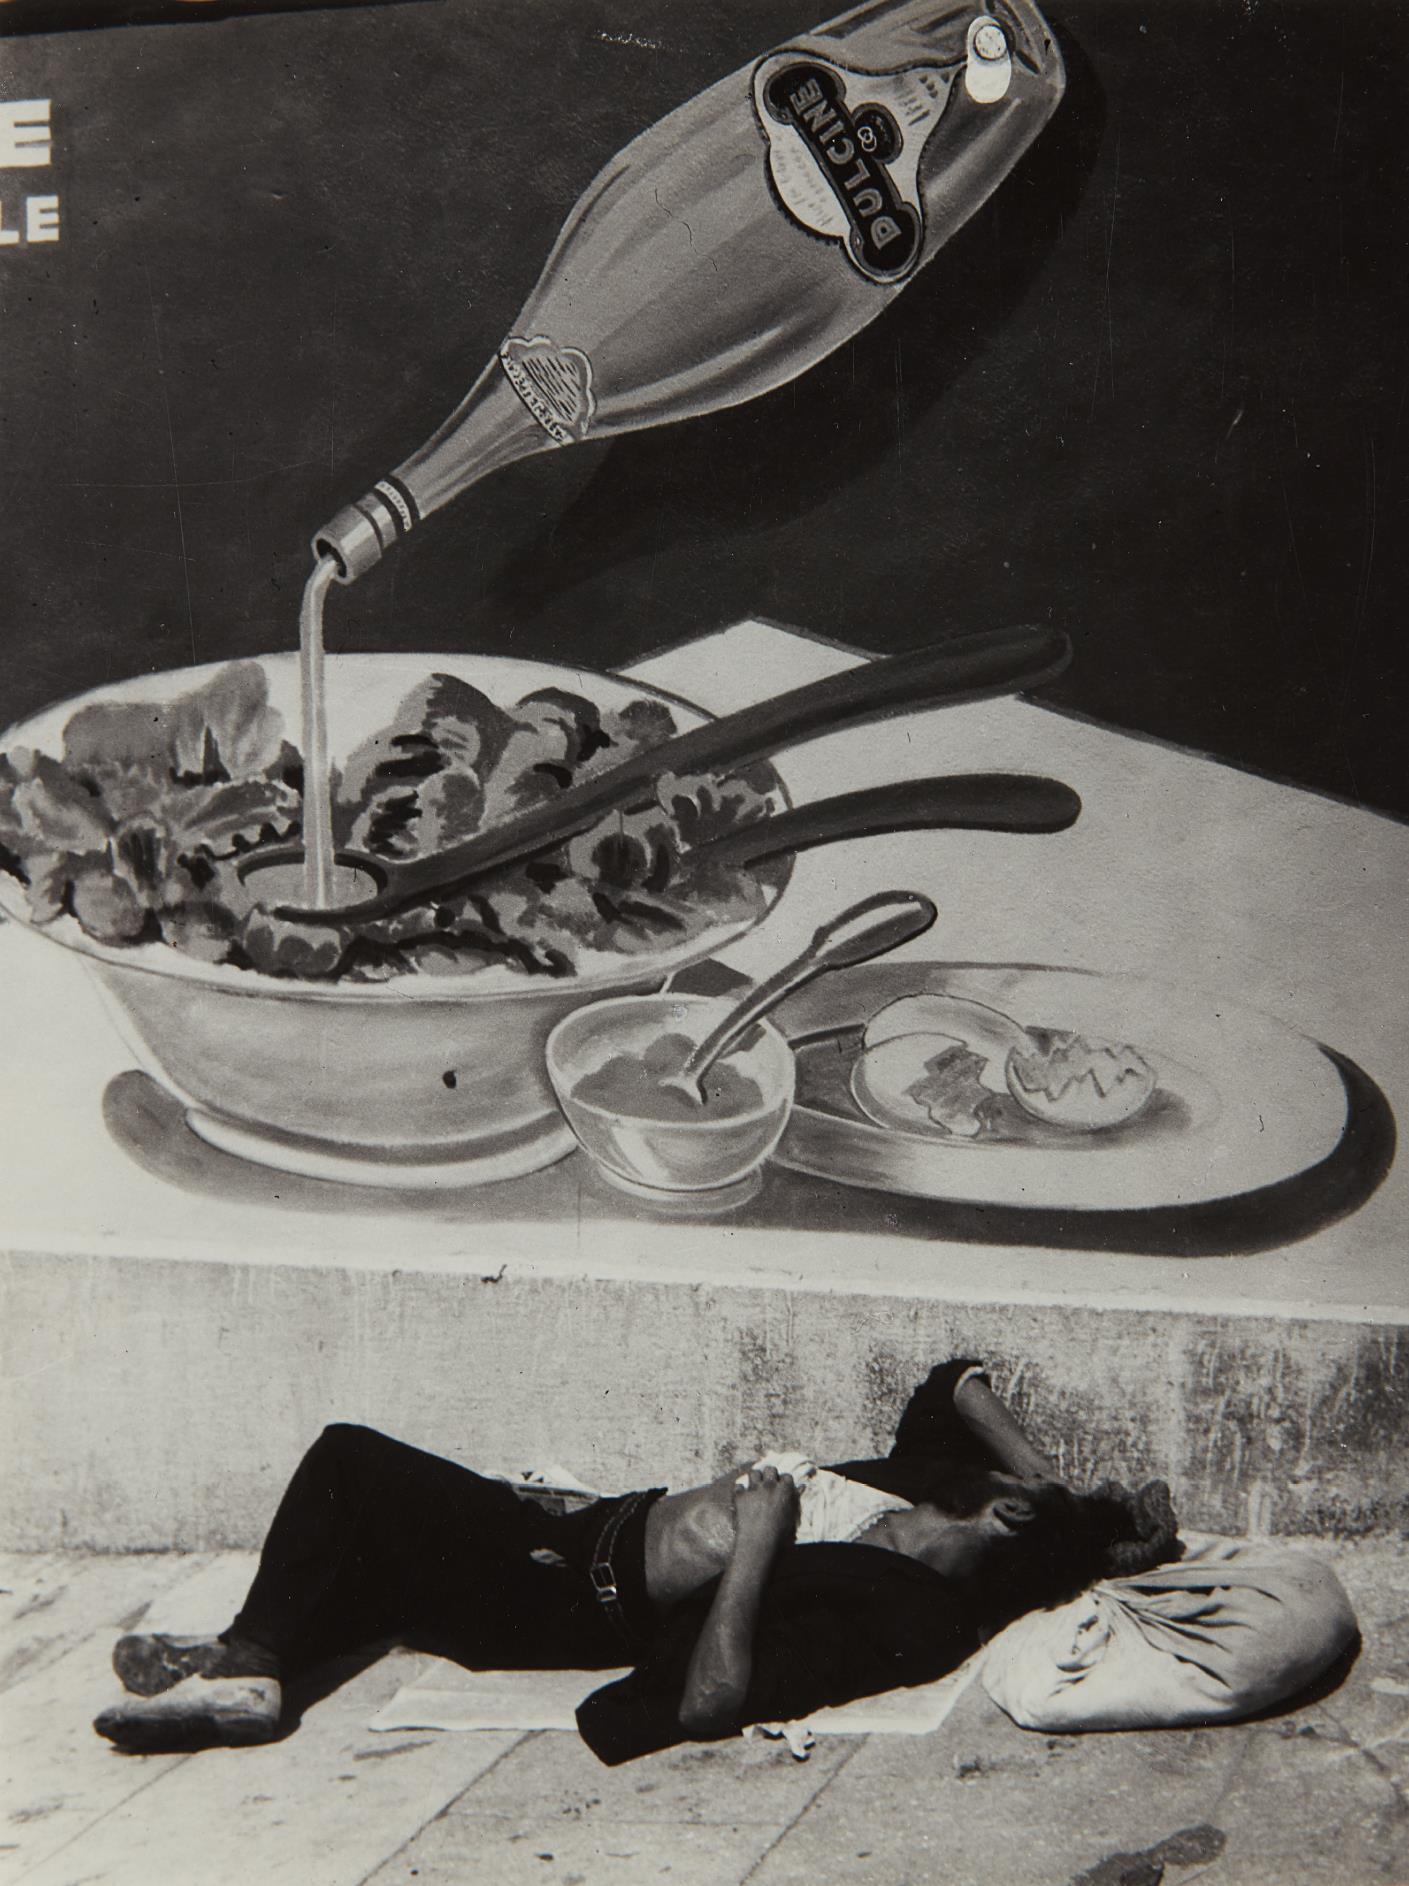 Brassai-Clochard endormi a Marseille-1935